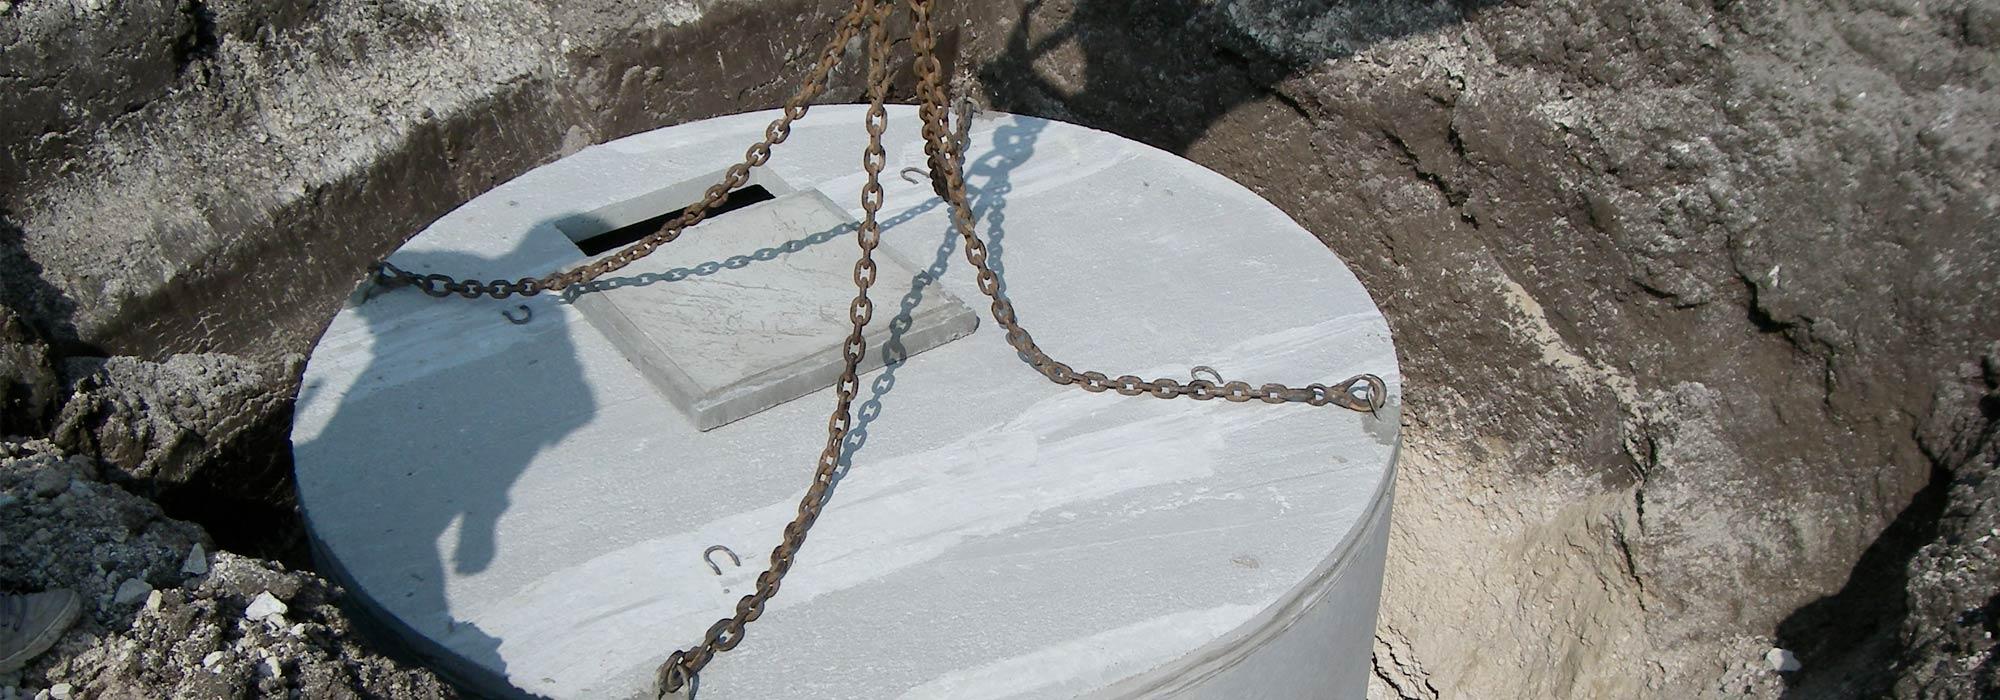 fabricant-fosse-septique-caby-hauts-de-france-lille-nord-arras-pas-de-calais-amiens-somme-compiegne-oise-rouen-seine-maritime